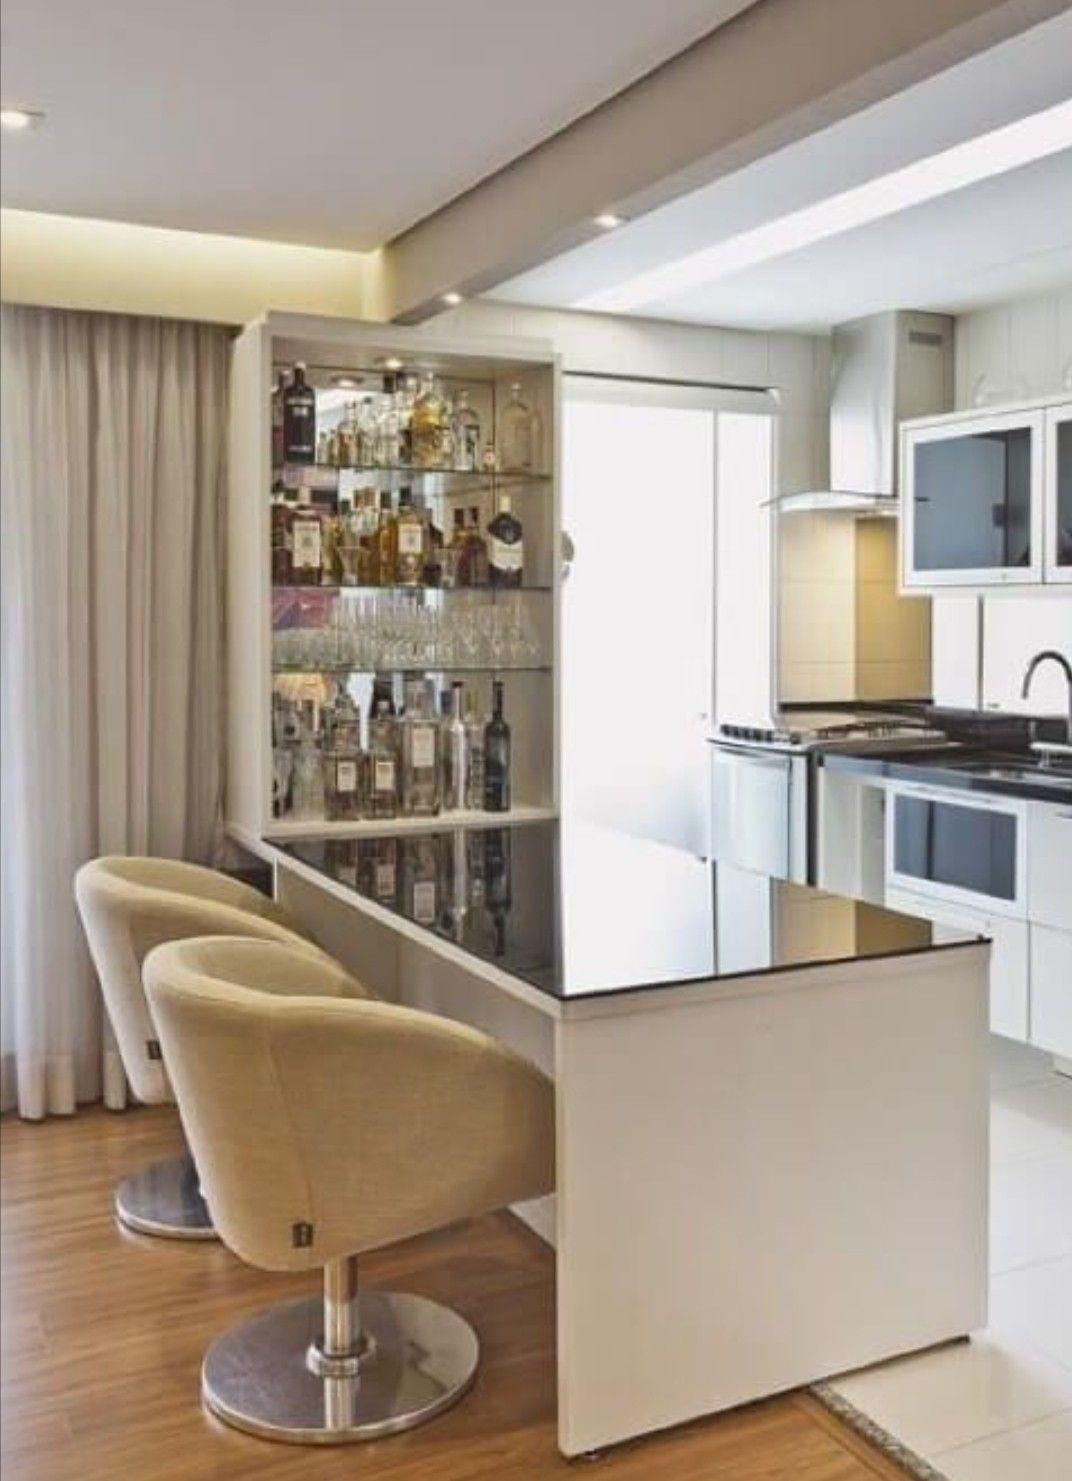 Cristaleira de parede na bancada da cozinha